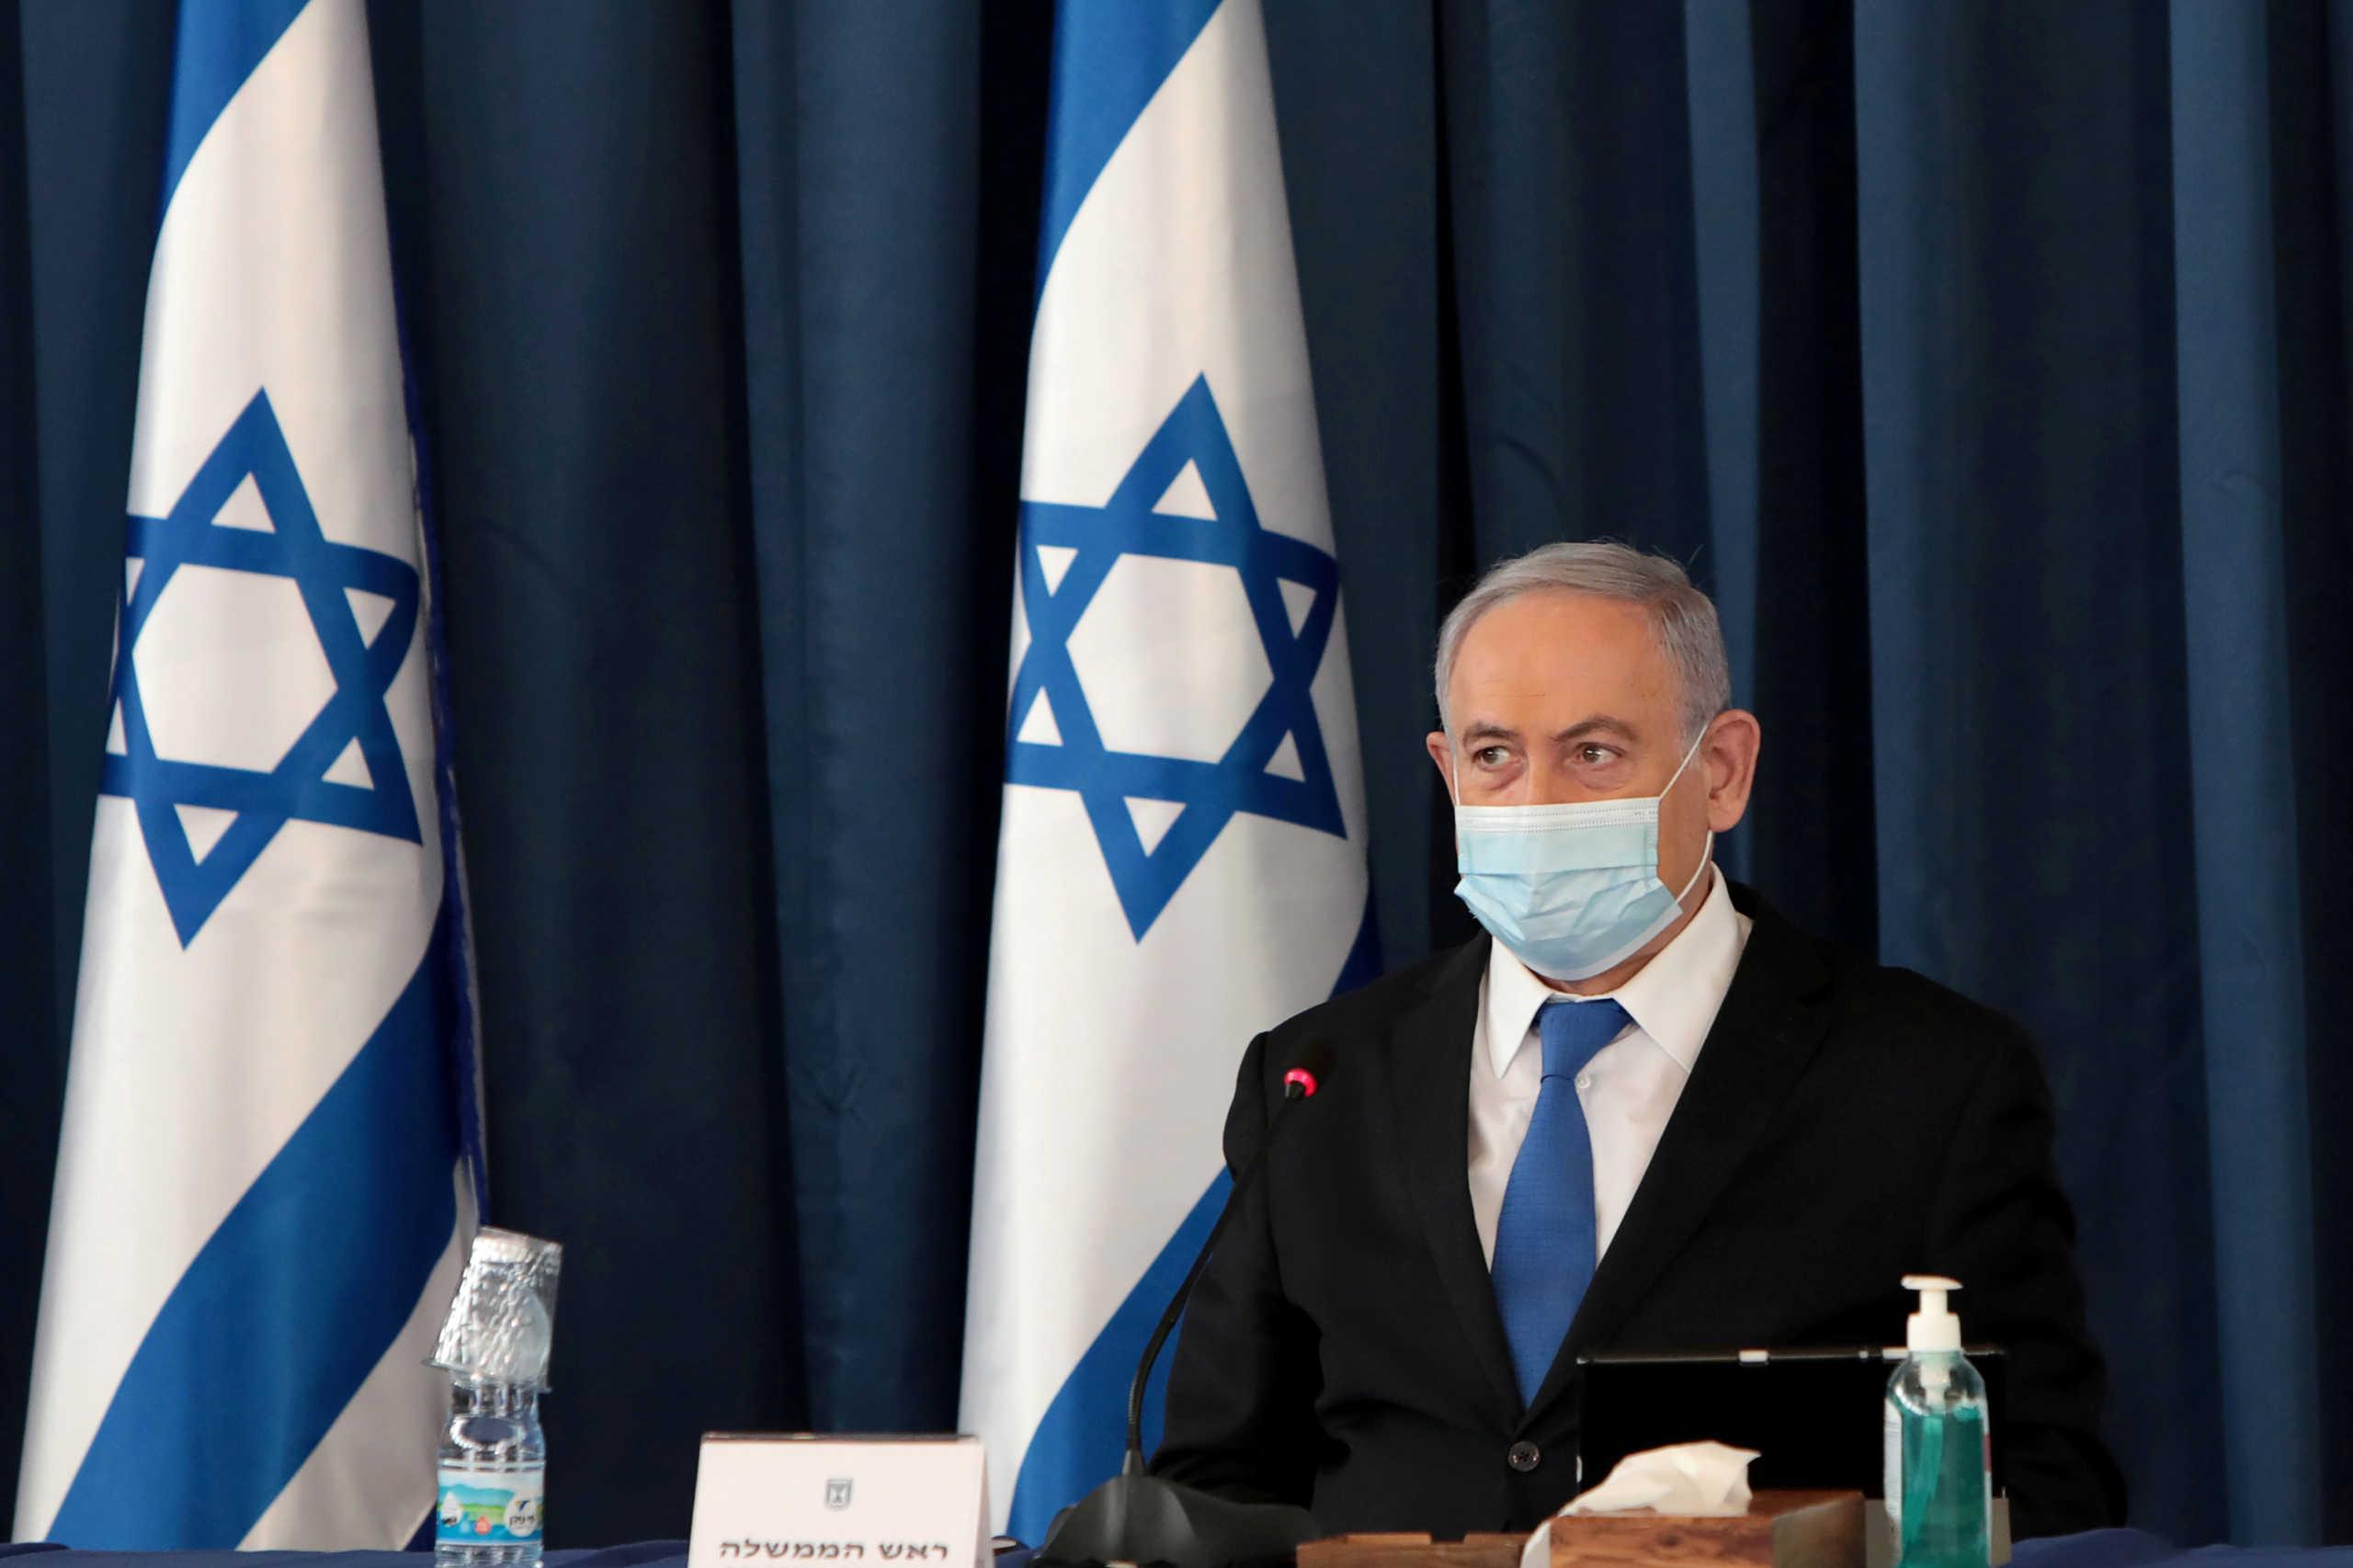 Ισραήλ: Εντολή Ρίβλιν σε Νετανιάχου να σχηματίσει κυβέρνηση